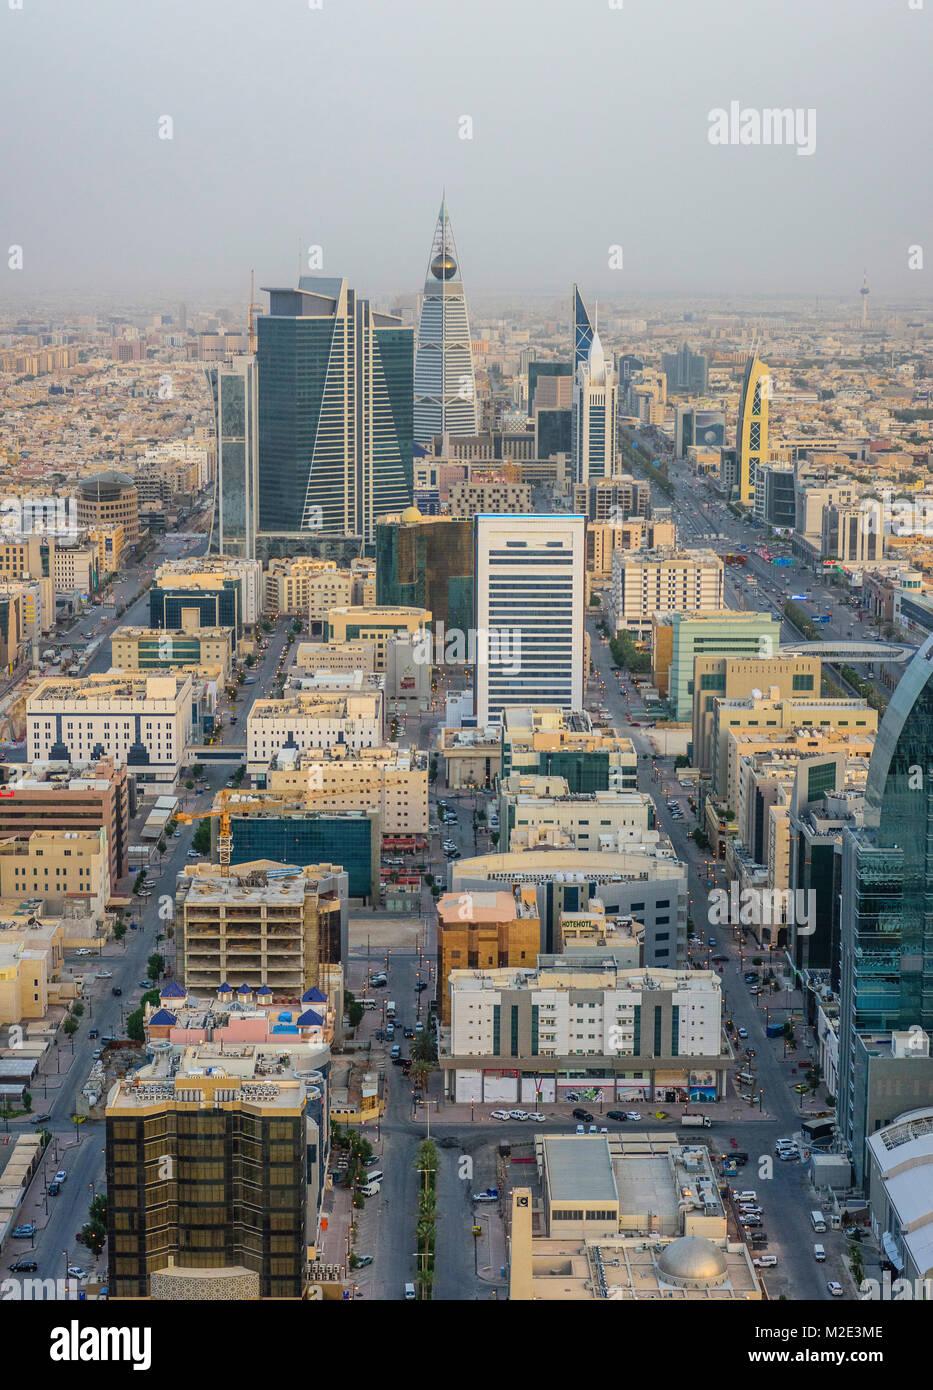 """'Vue aérienne de cityscape, Riyadh, Arabie saoudite"""" Photo Stock"""